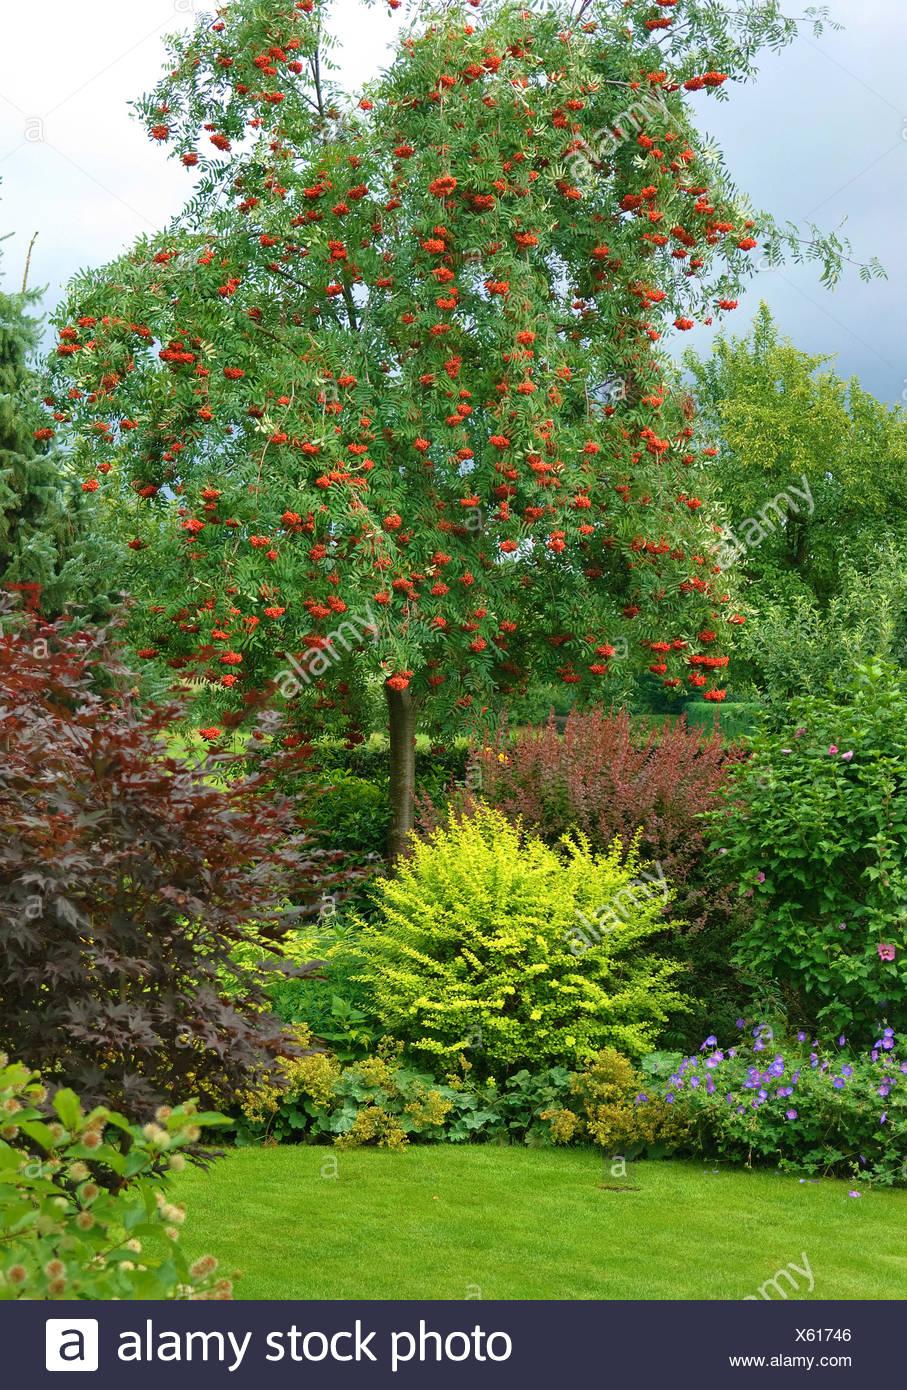 La montagne européenne-ash, Rowan Tree (Sorbus aucuparia 'Rosina', Sorbus aucuparia Rosina), le cultivar Rosina dans un jardin, Allemagne Photo Stock